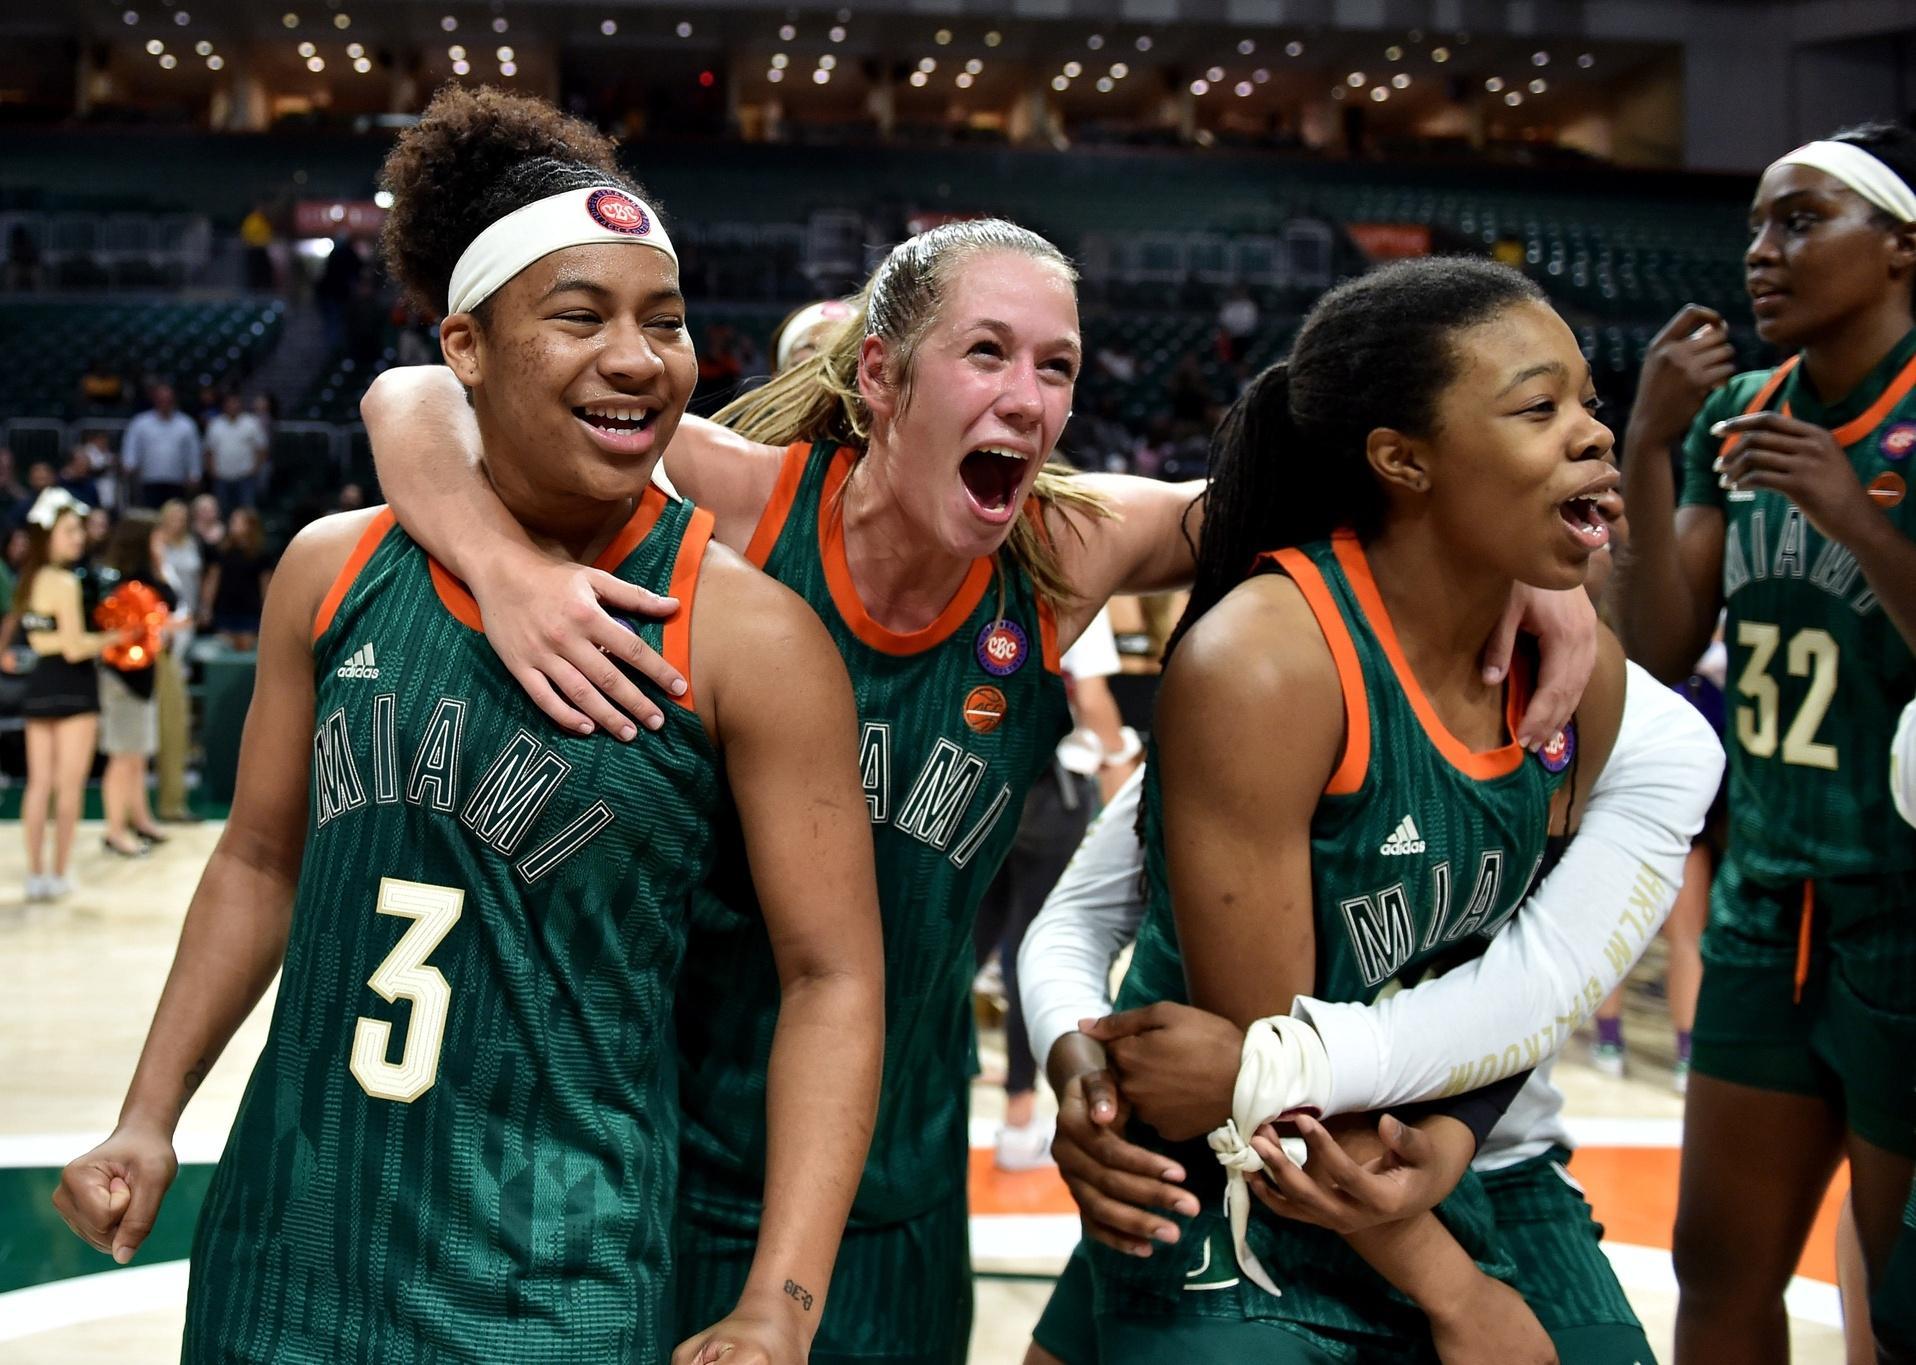 Miami women's basketball team.